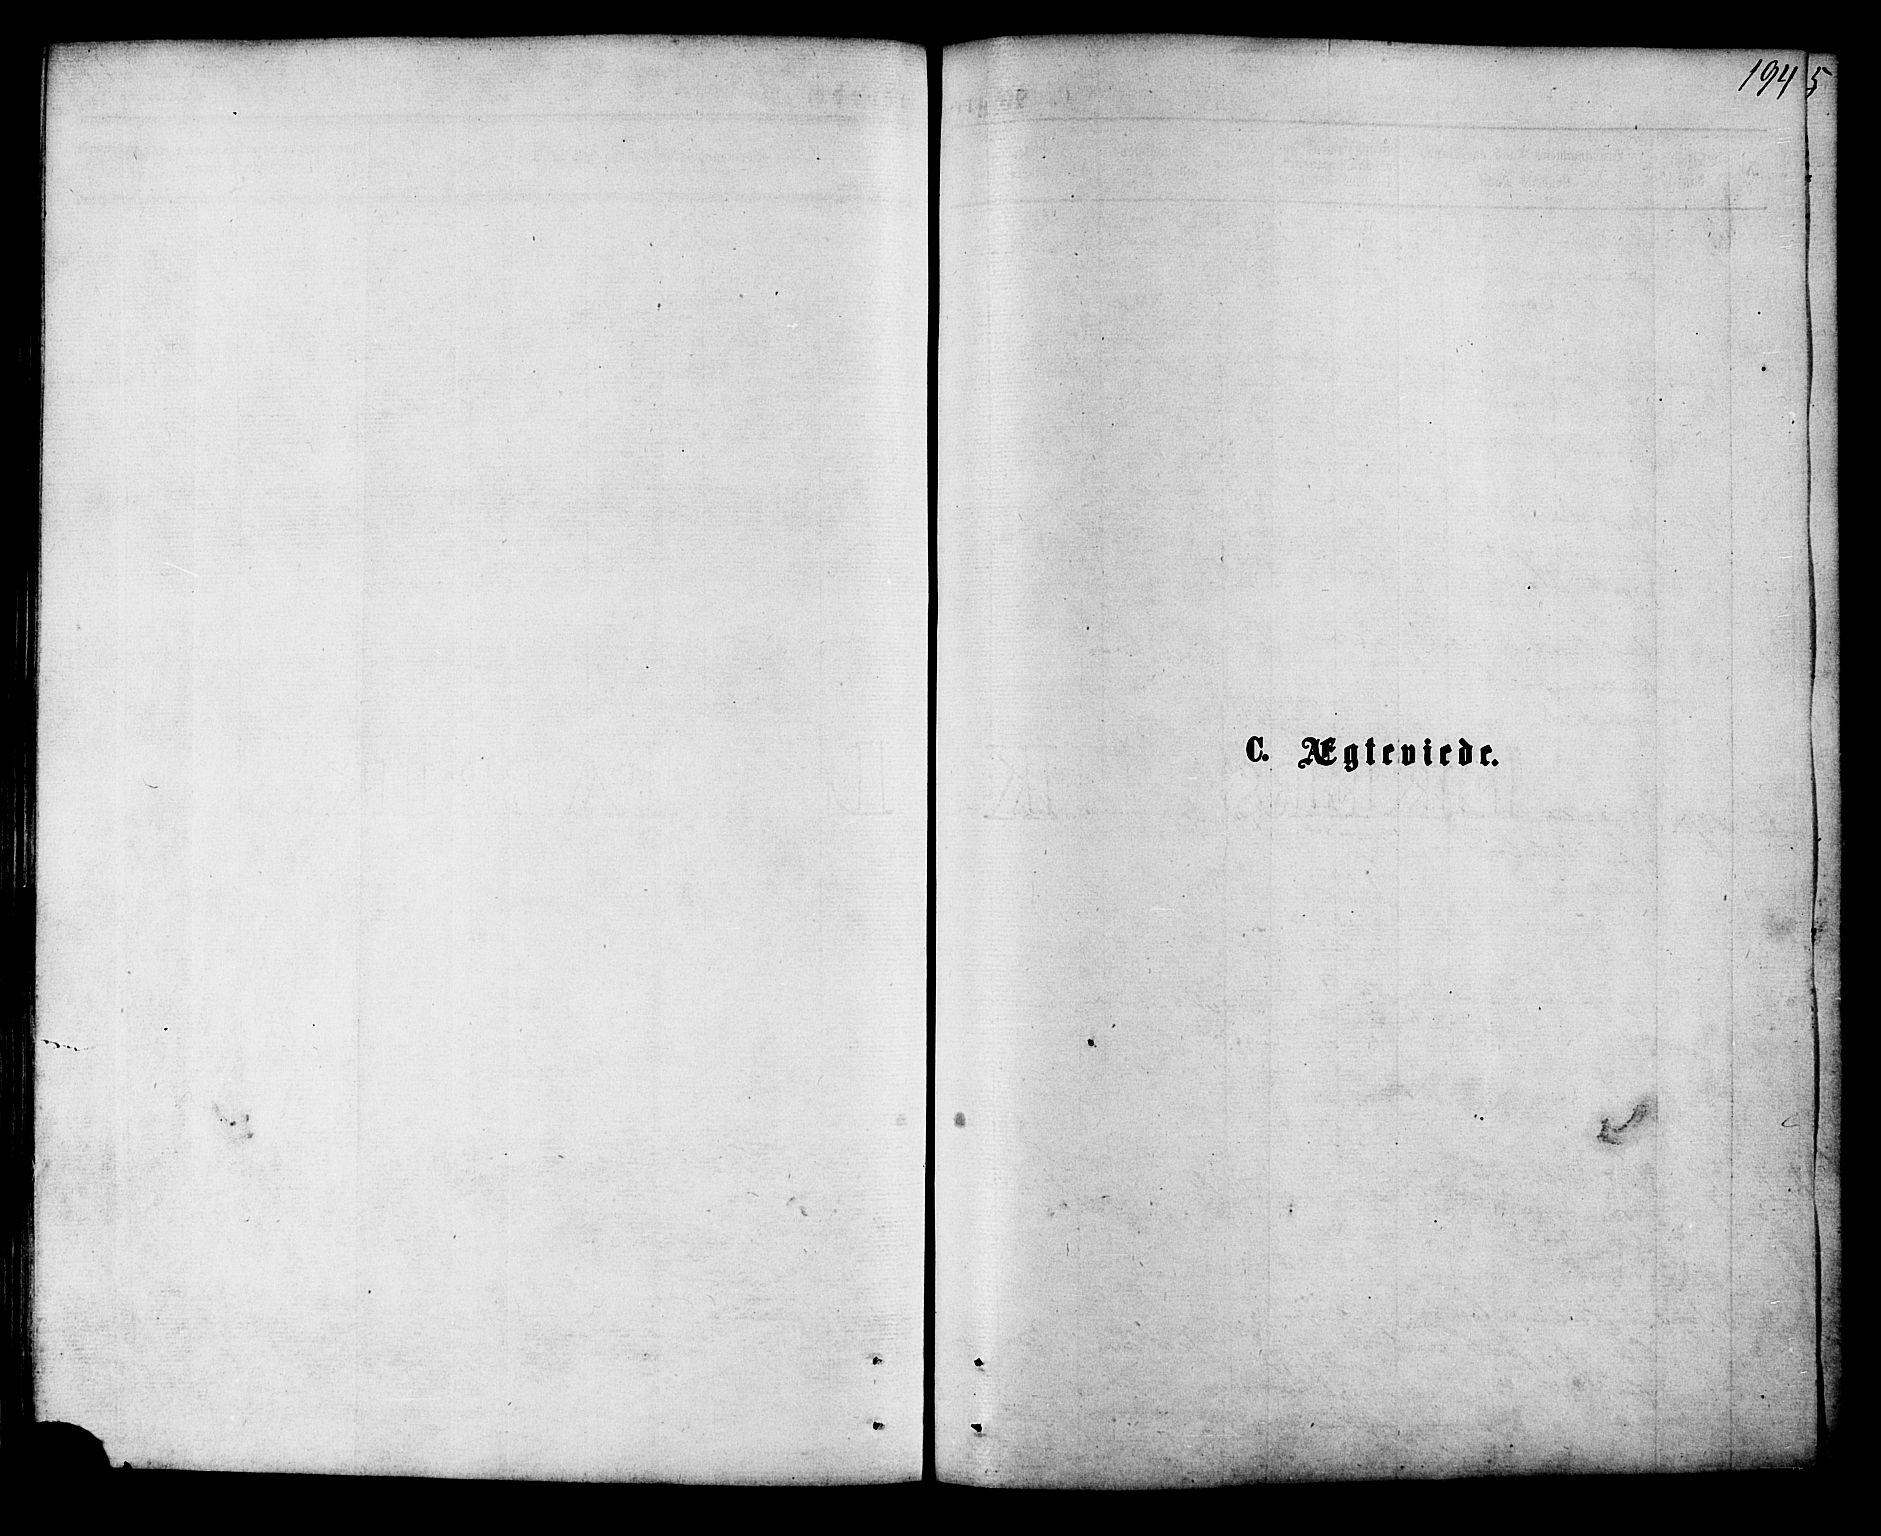 SAT, Ministerialprotokoller, klokkerbøker og fødselsregistre - Nordland, 853/L0771: Parish register (official) no. 853A10, 1870-1881, p. 194